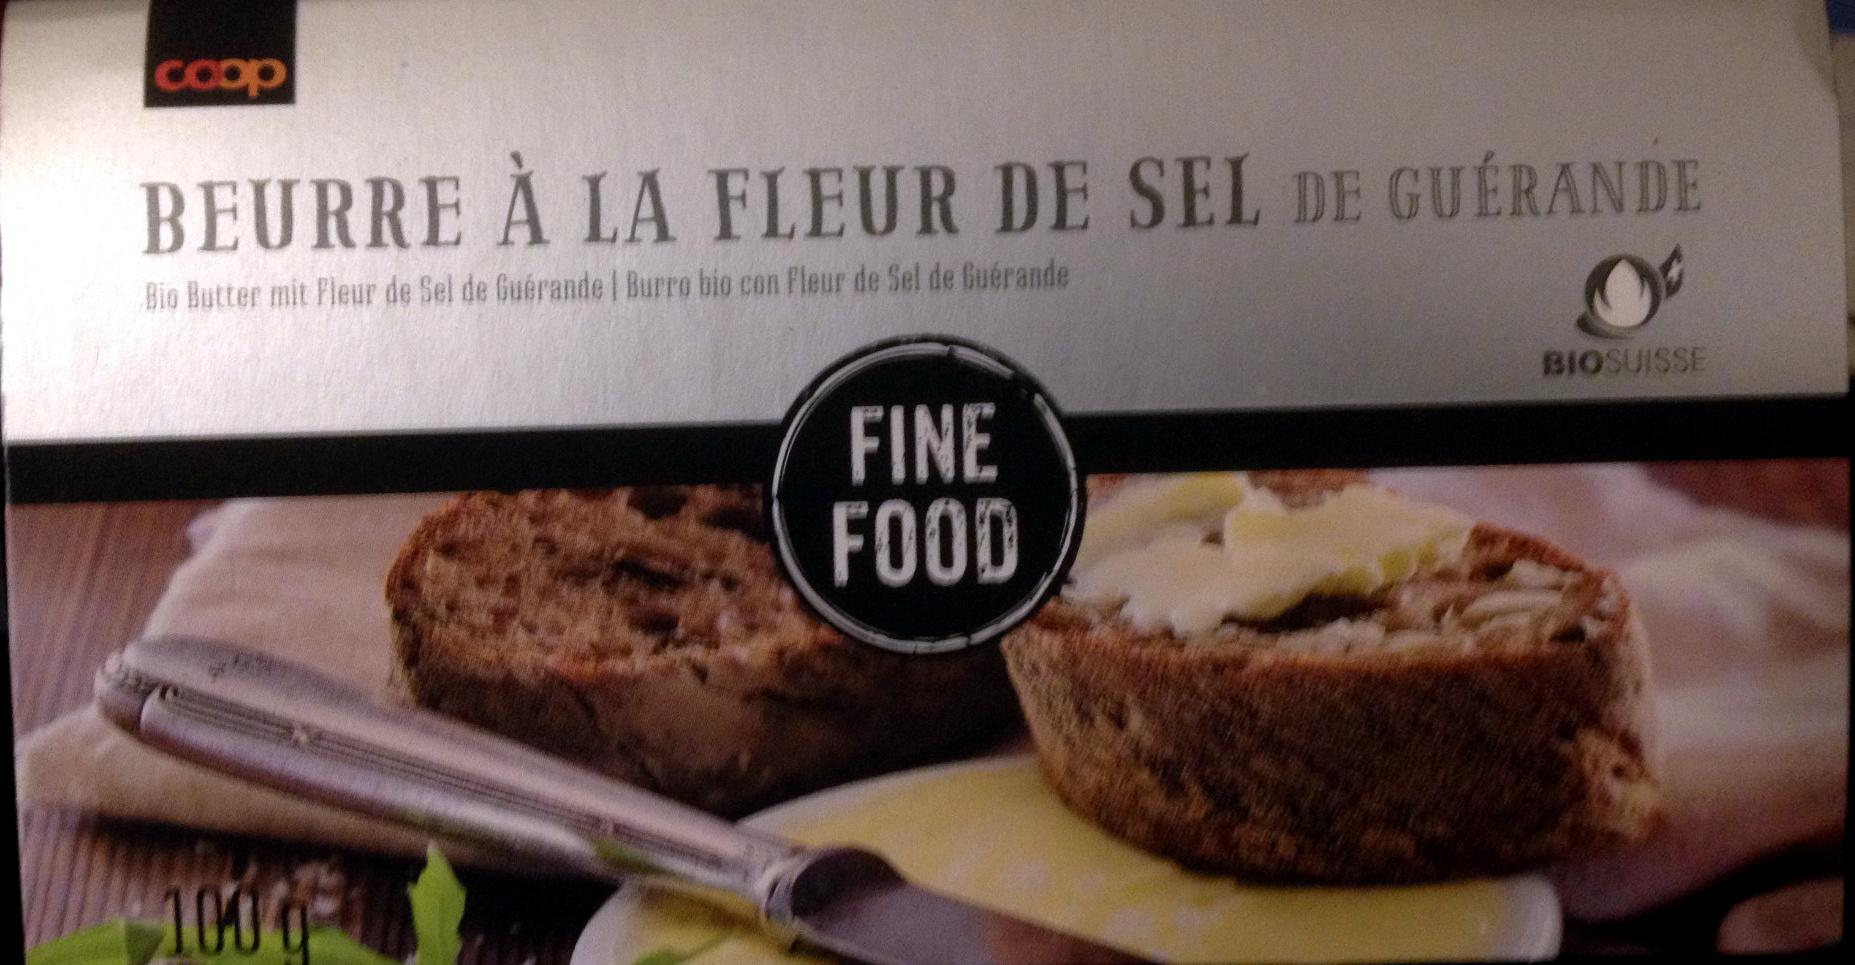 Beurre à la fleur de sel de Guérande - Prodotto - fr